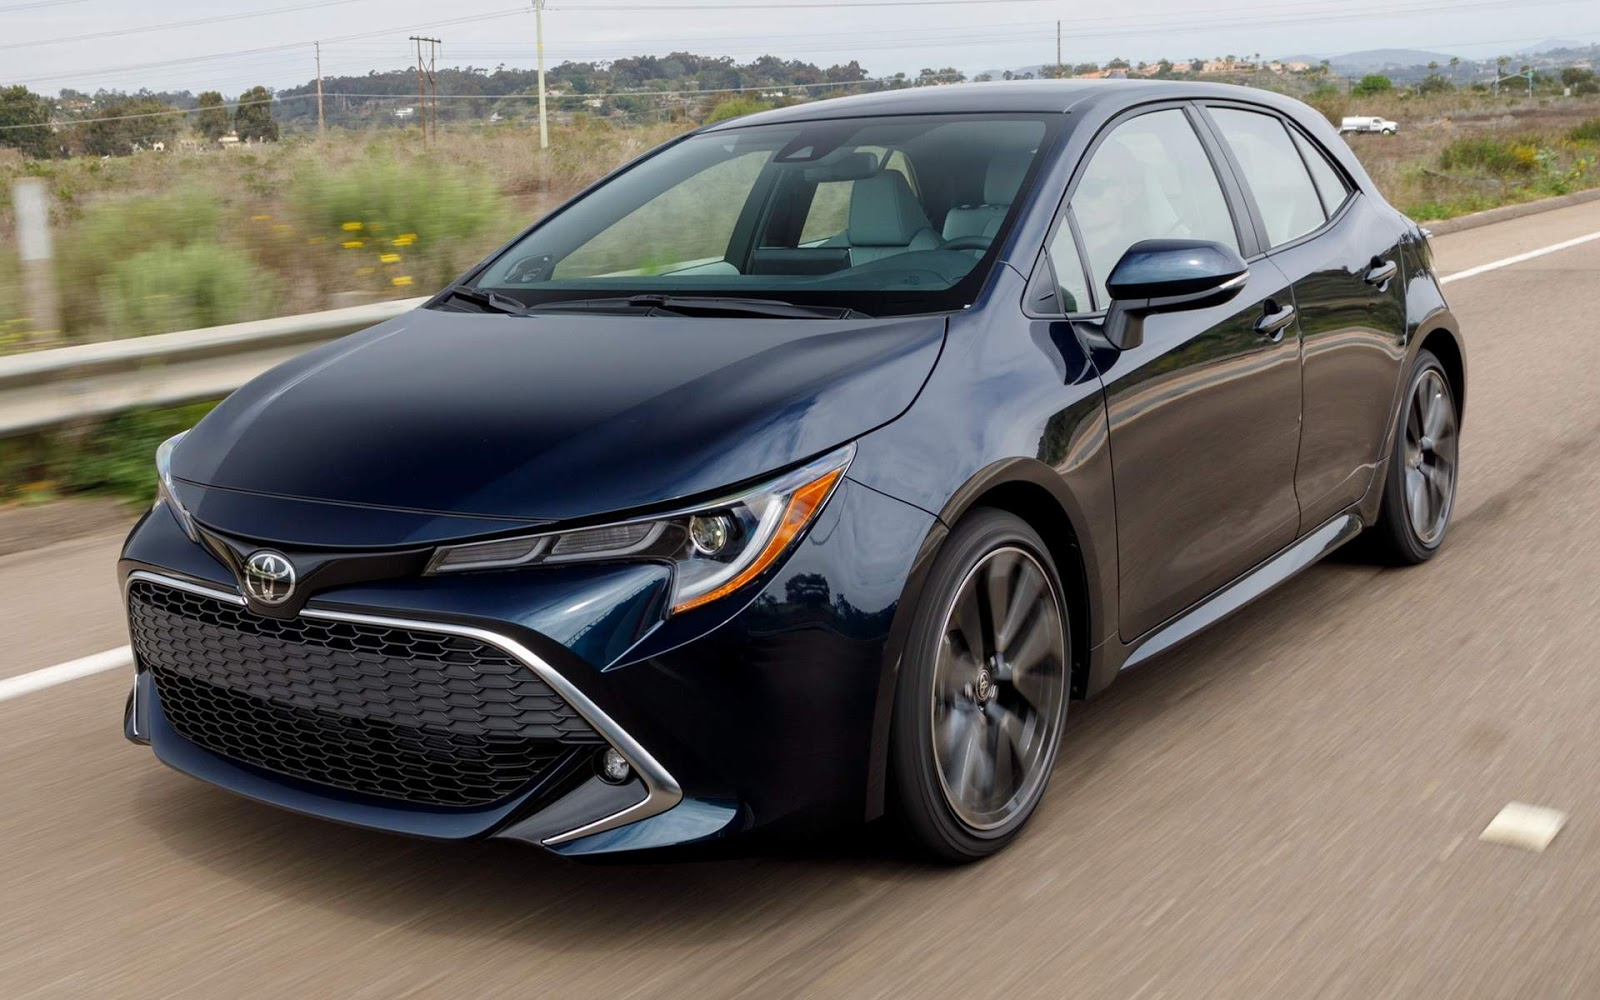 Toyota Corolla 2019 Hatch Chega Mais Esportivo E Seguro Car Blog Br